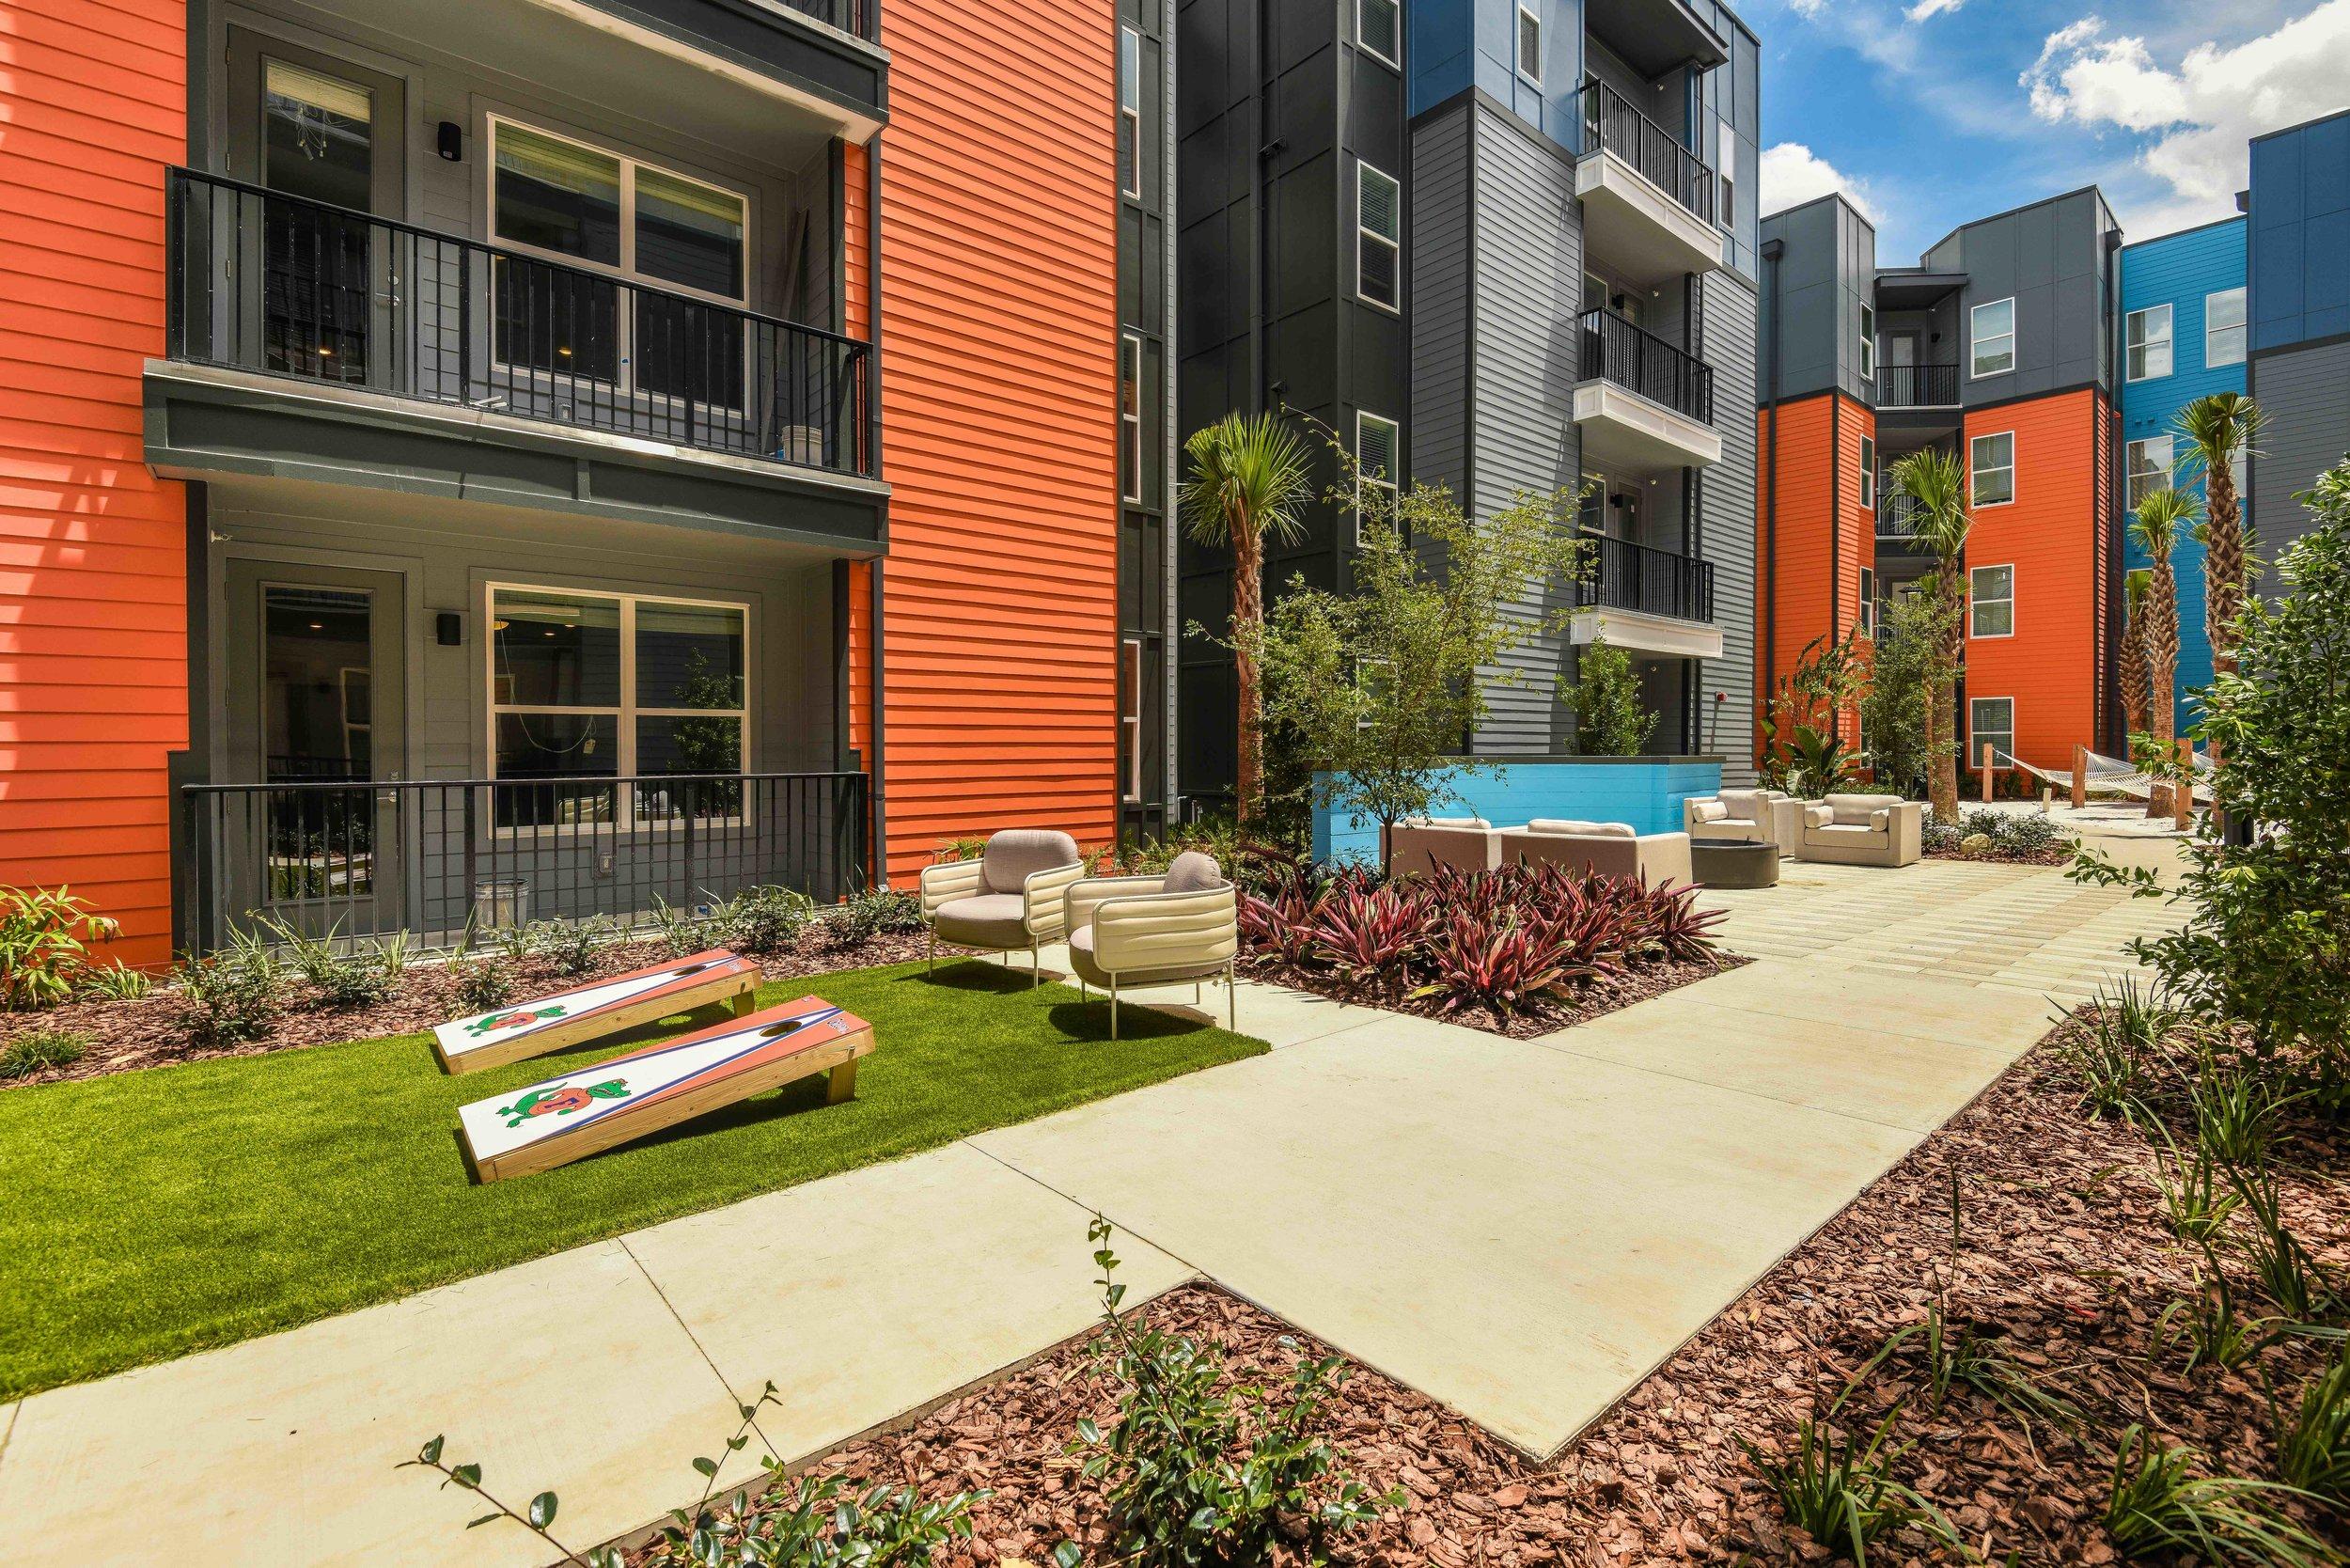 3 - Courtyard.jpg